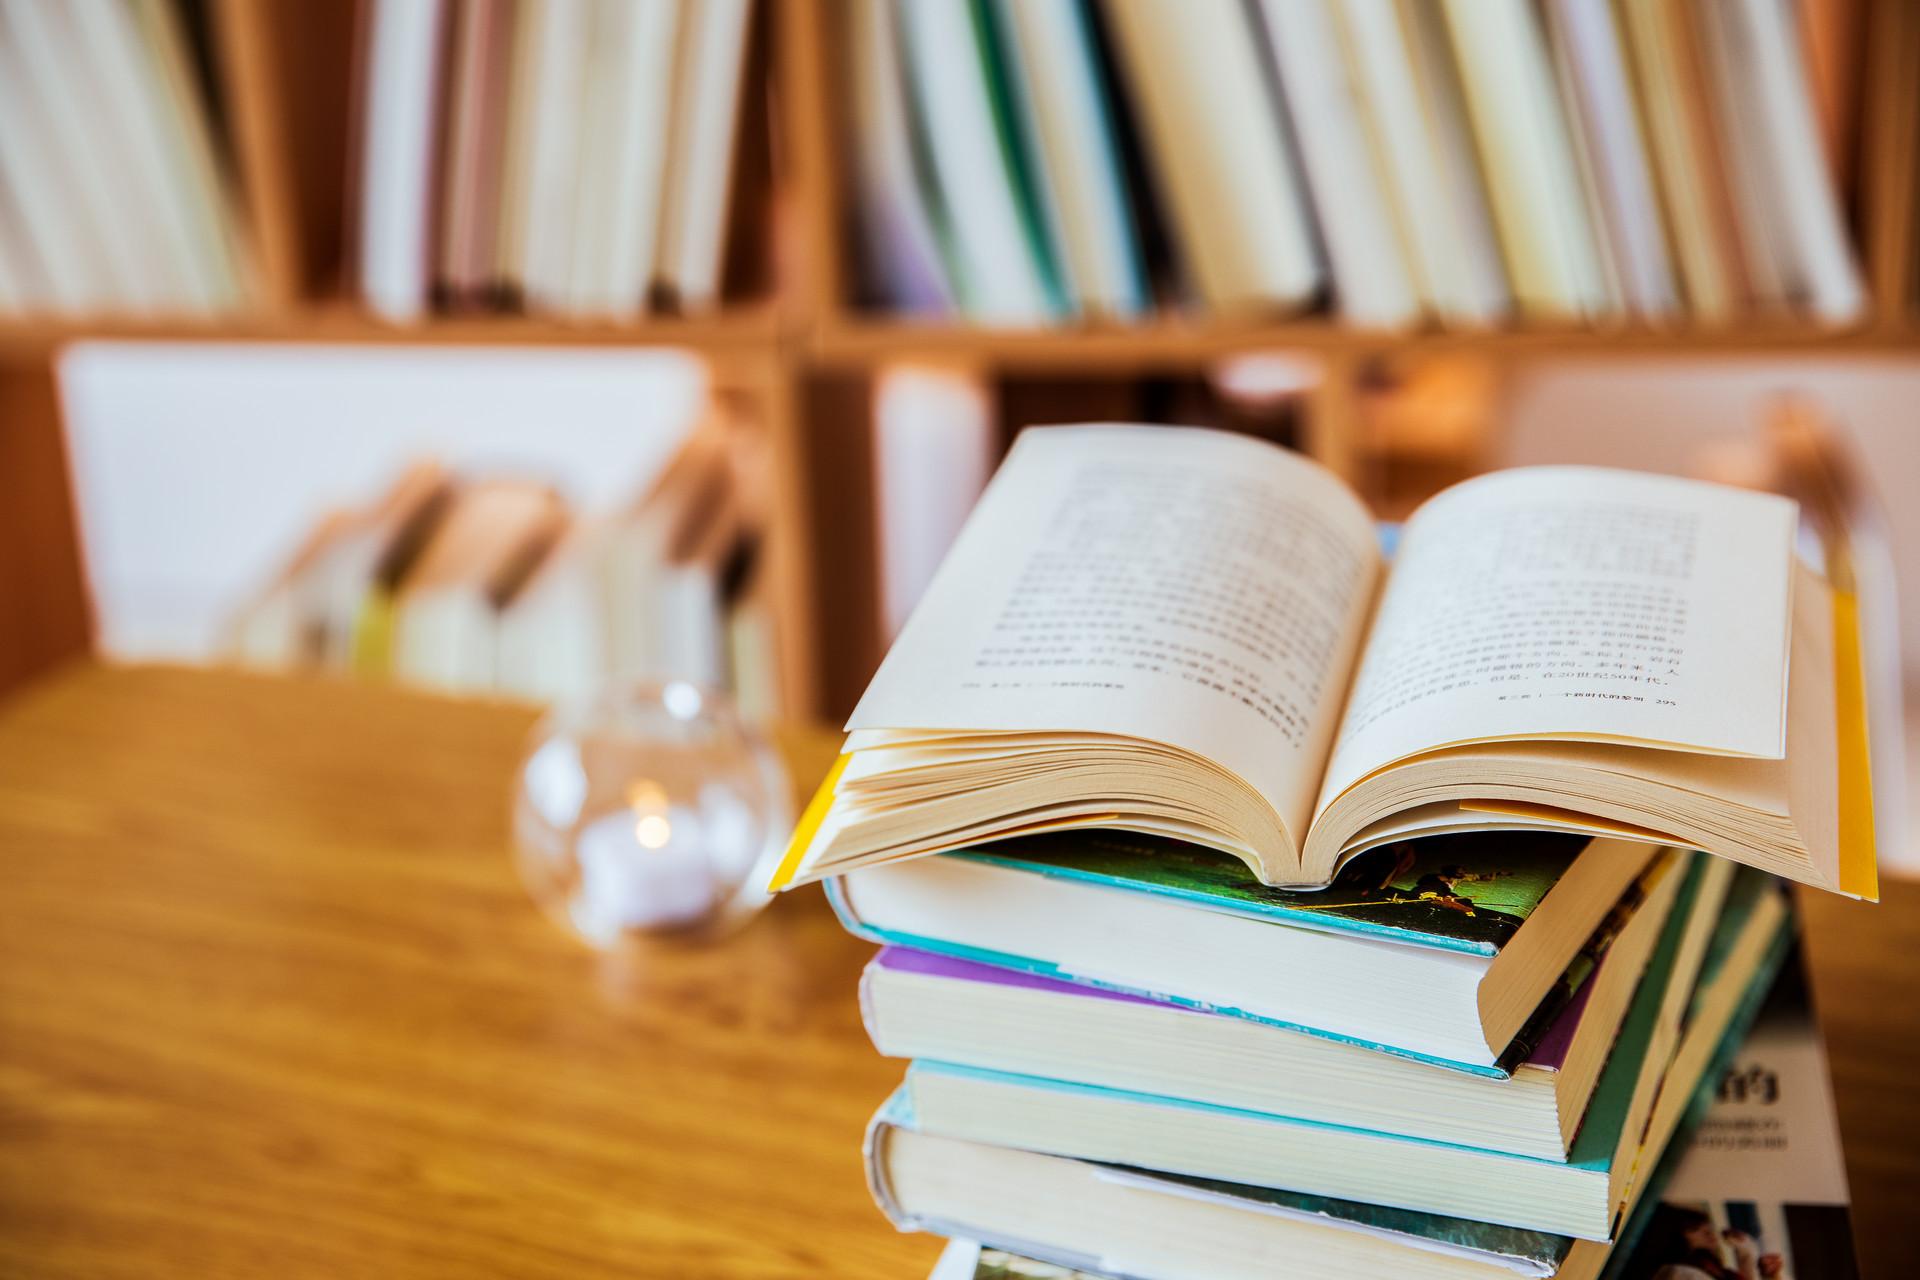 方便市民阅读 西海岸新区建成14处24小时自助图书馆